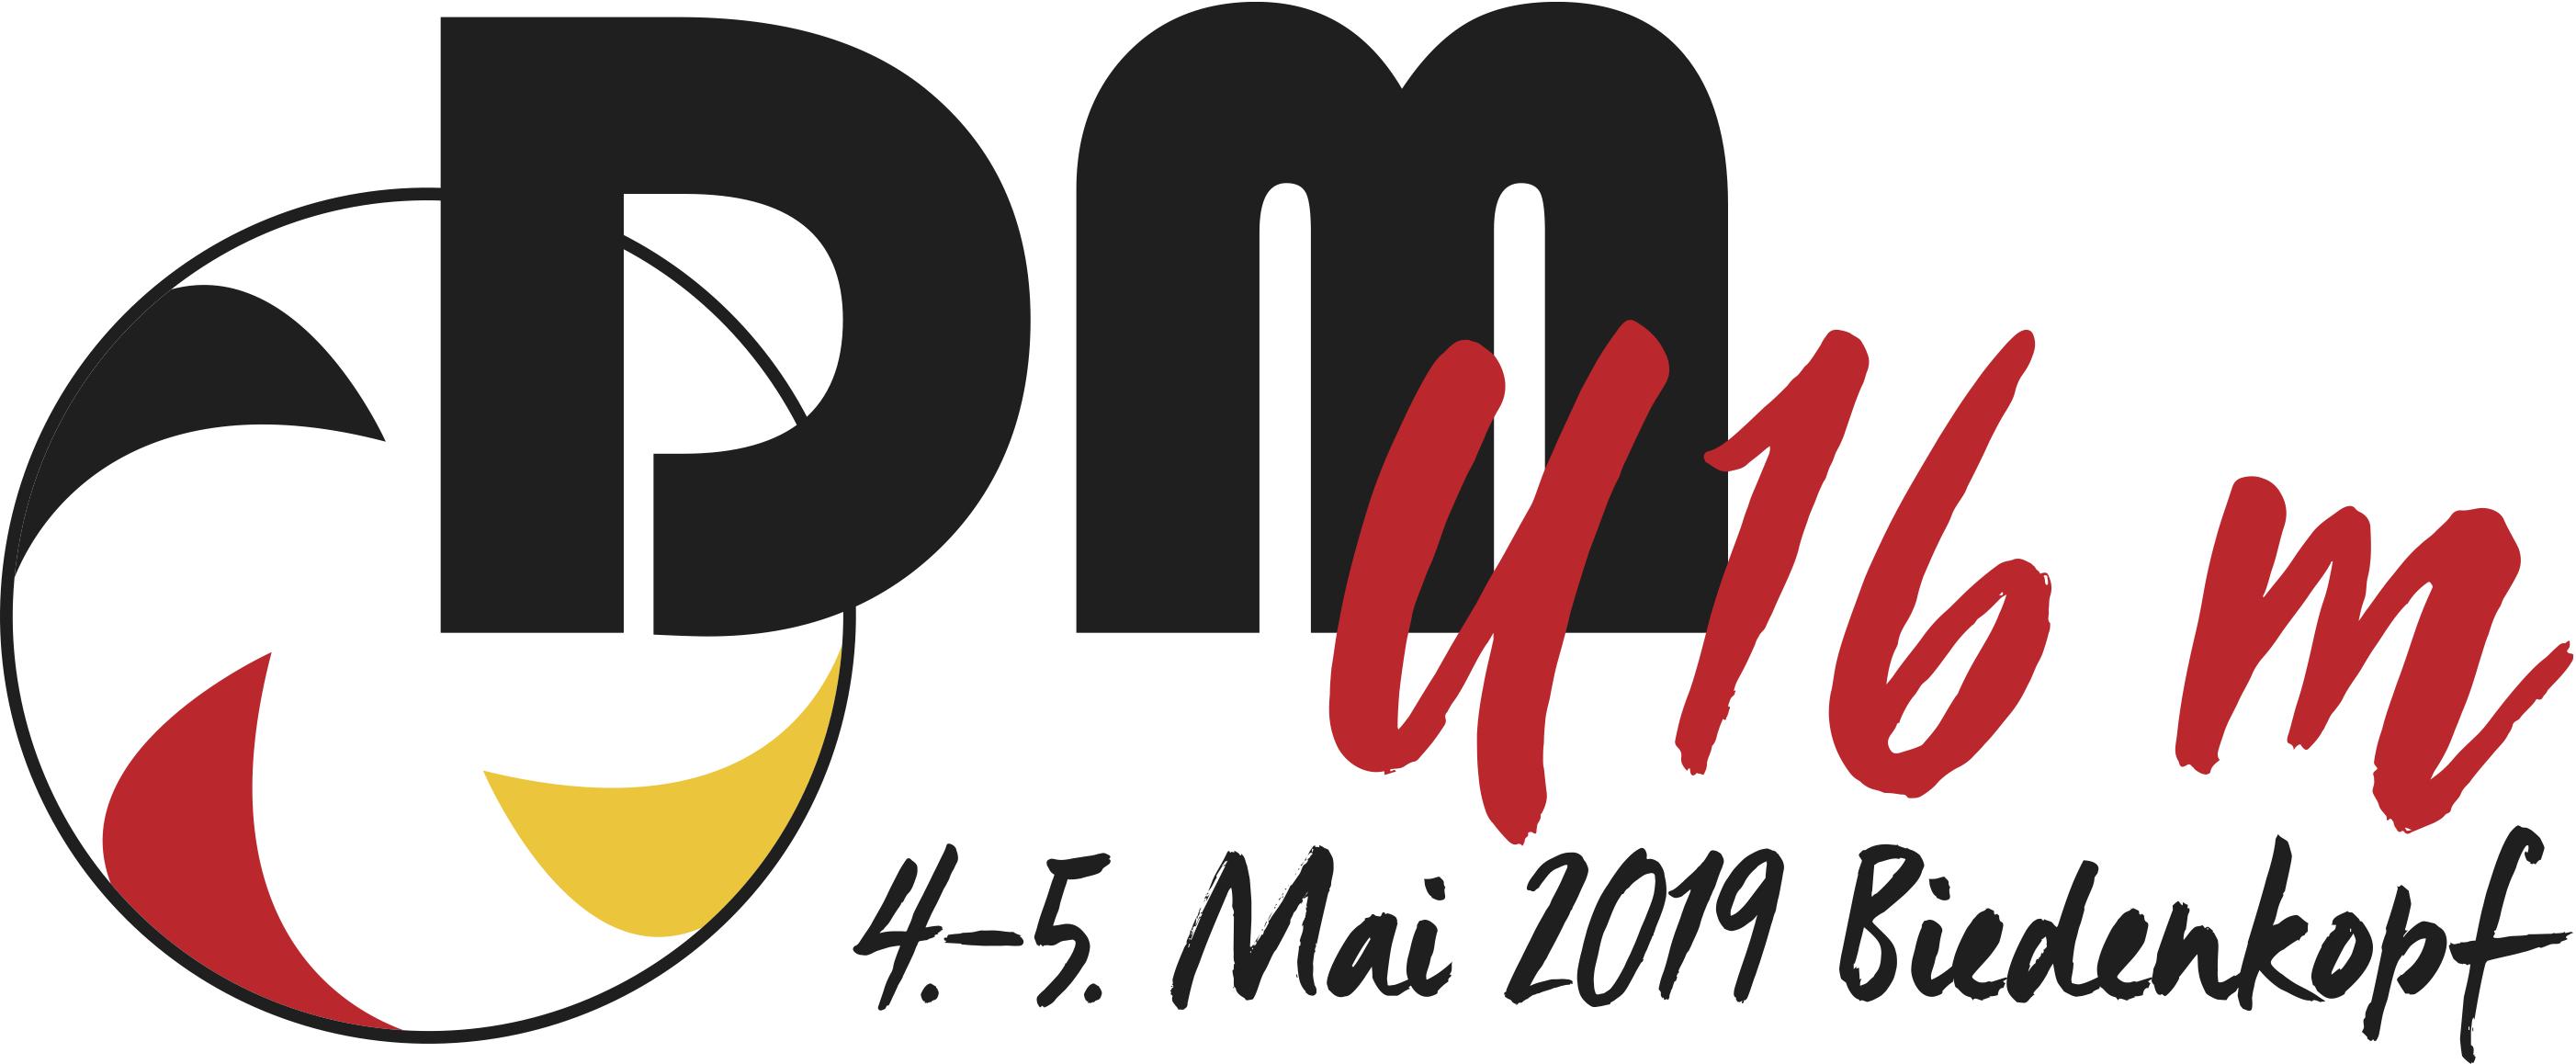 volleyball-deutsche-meisterschaften-u16m-2019-in-biedenkopf